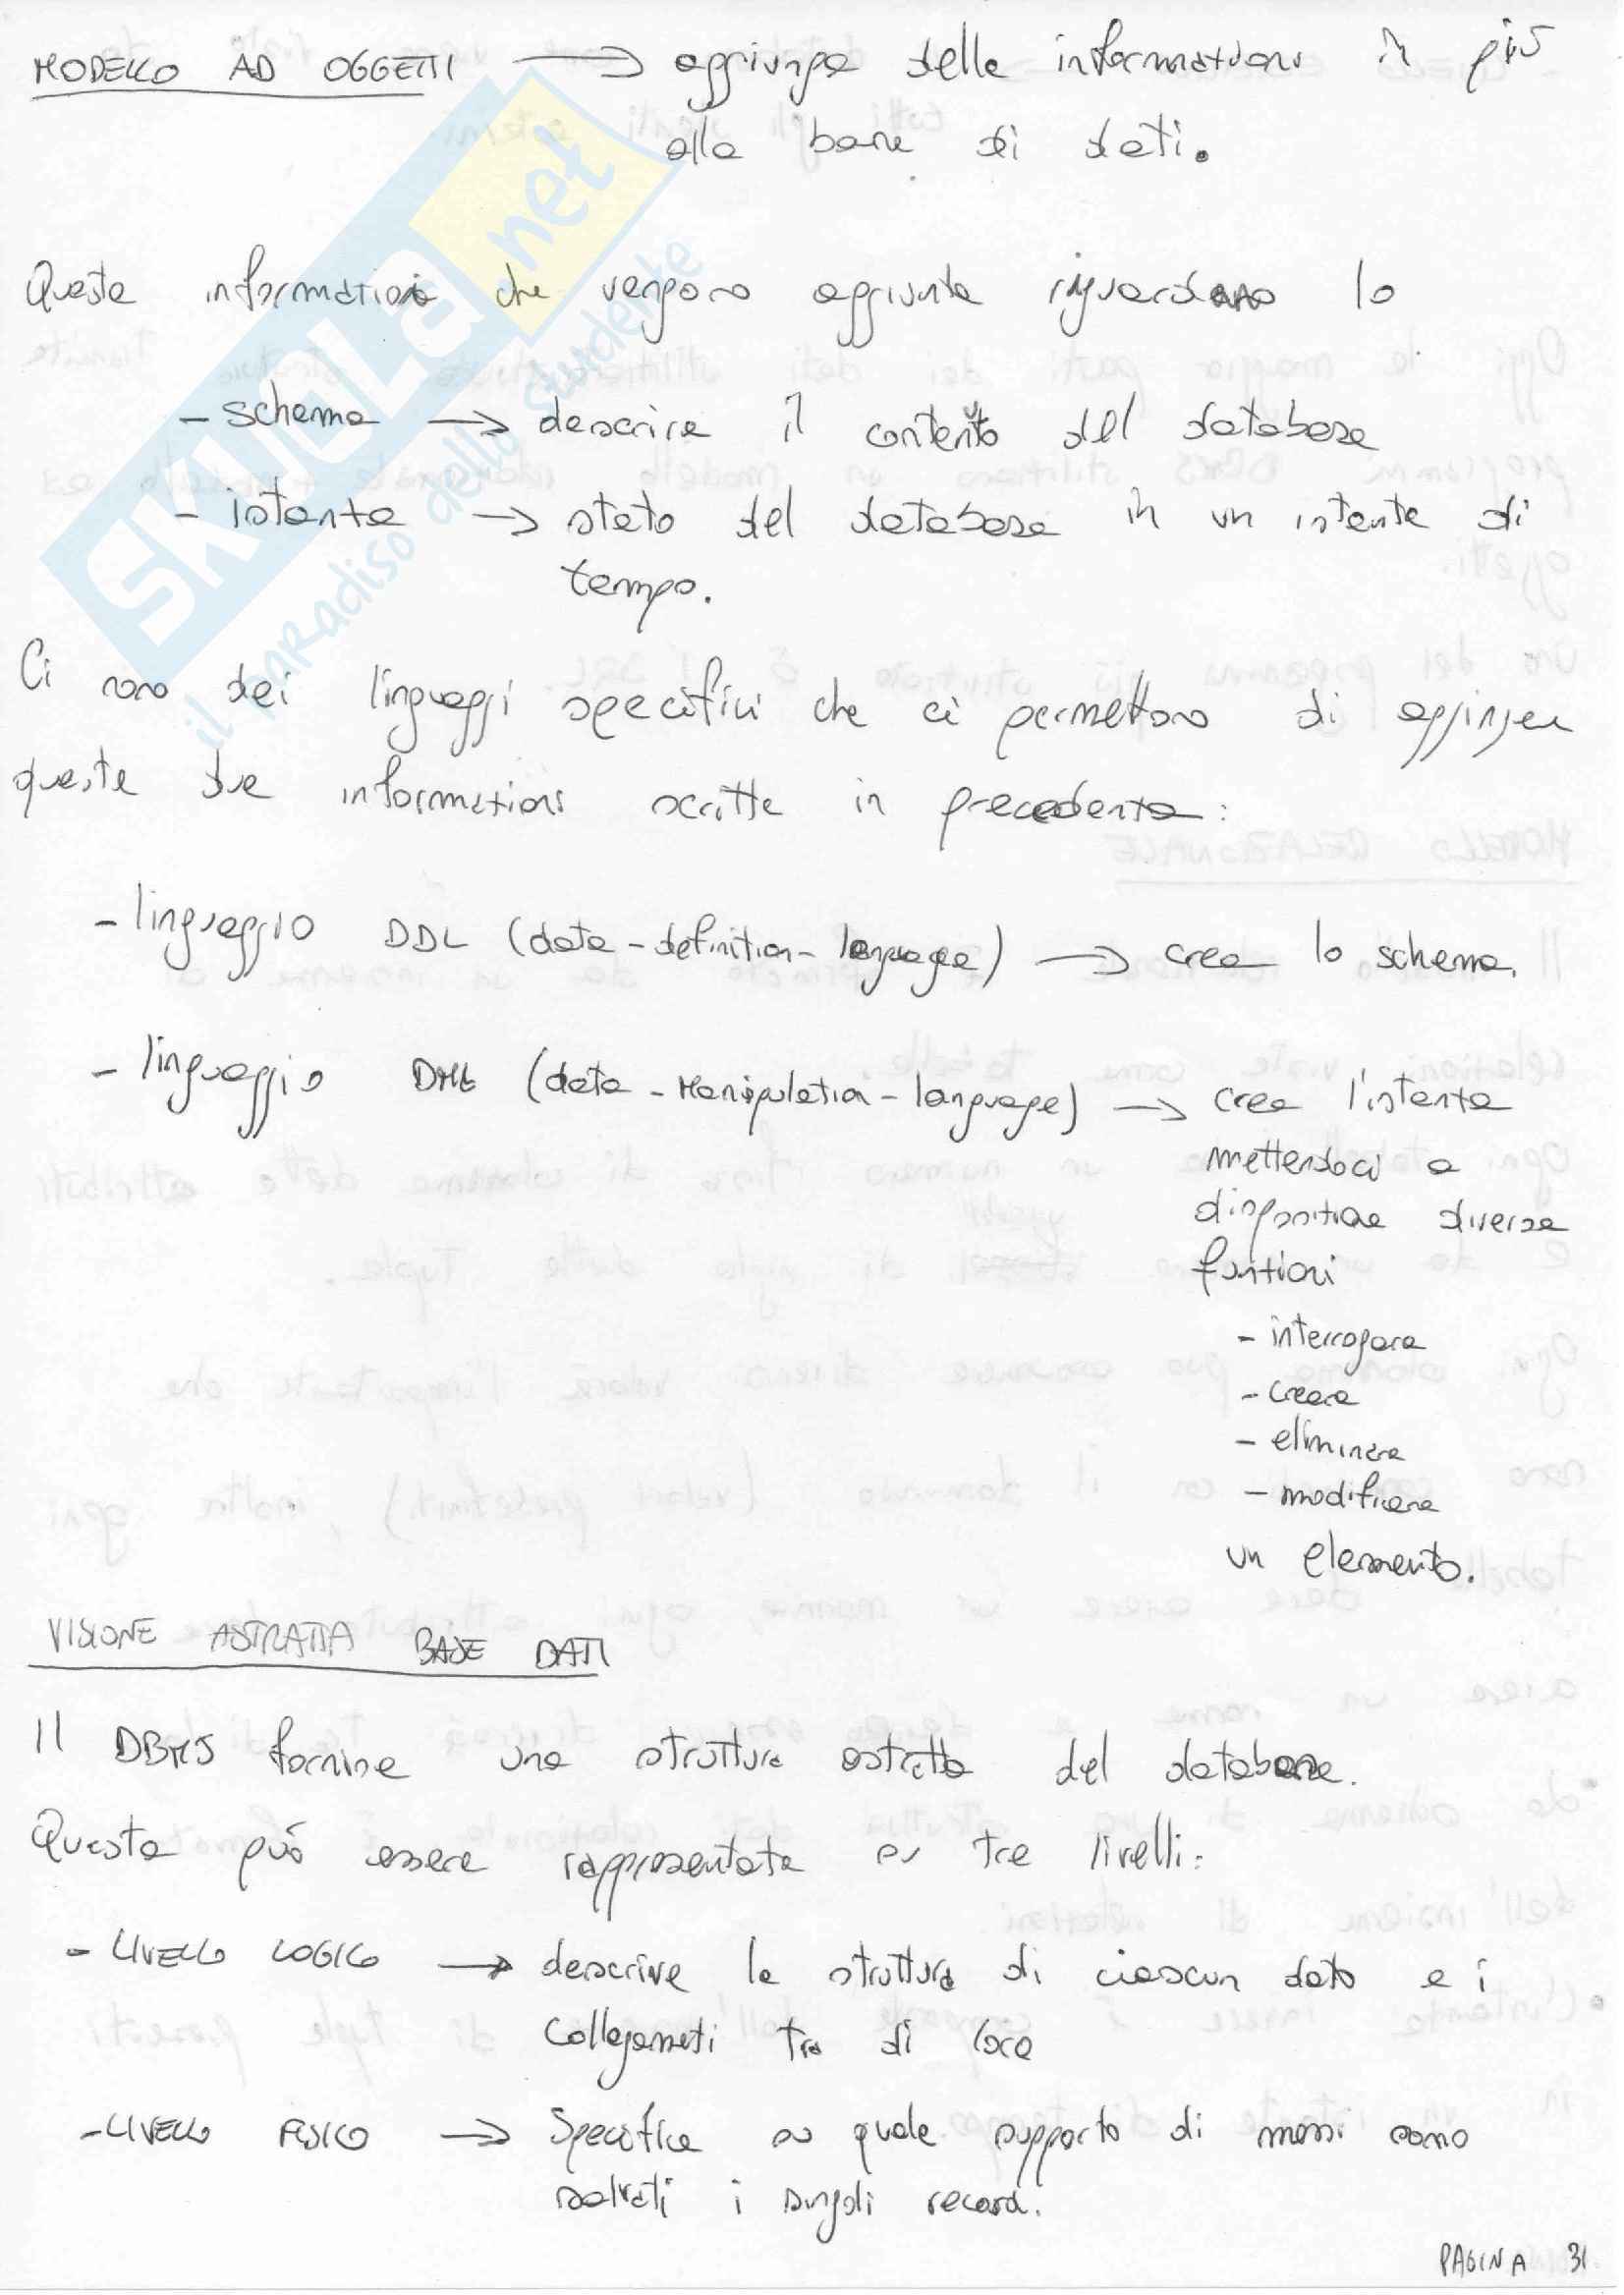 Appunti fondamenti informatica Pag. 31